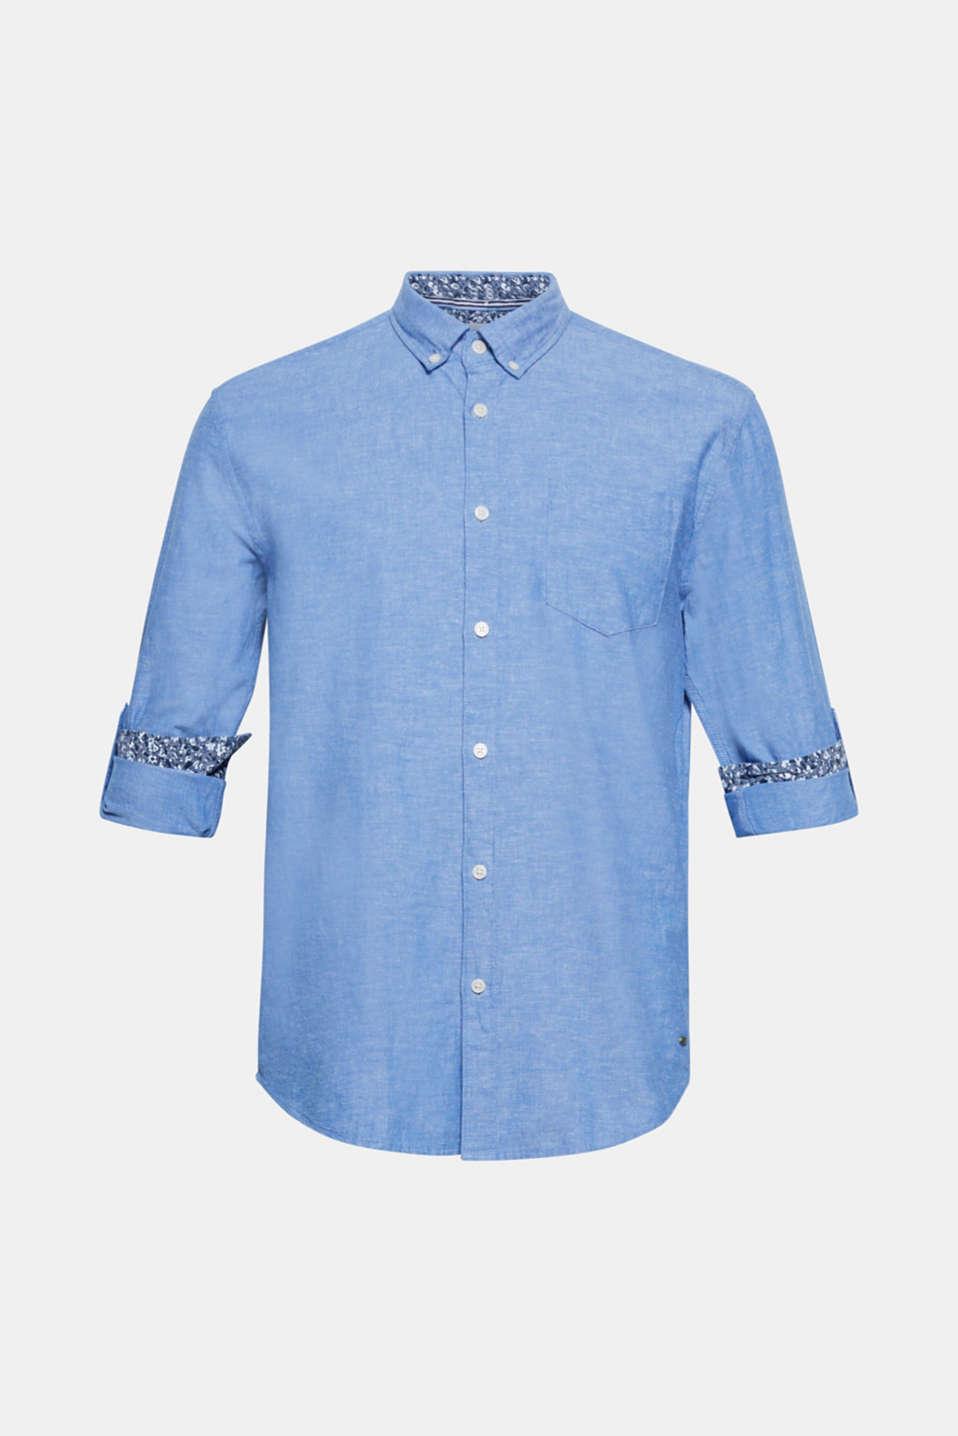 Dankzij de luchtige materiaalmix, de gemêleerde structuur en de casual oprolbare mouwen kom je in dit overhemd met buttondownkraag sportief voor de dag.